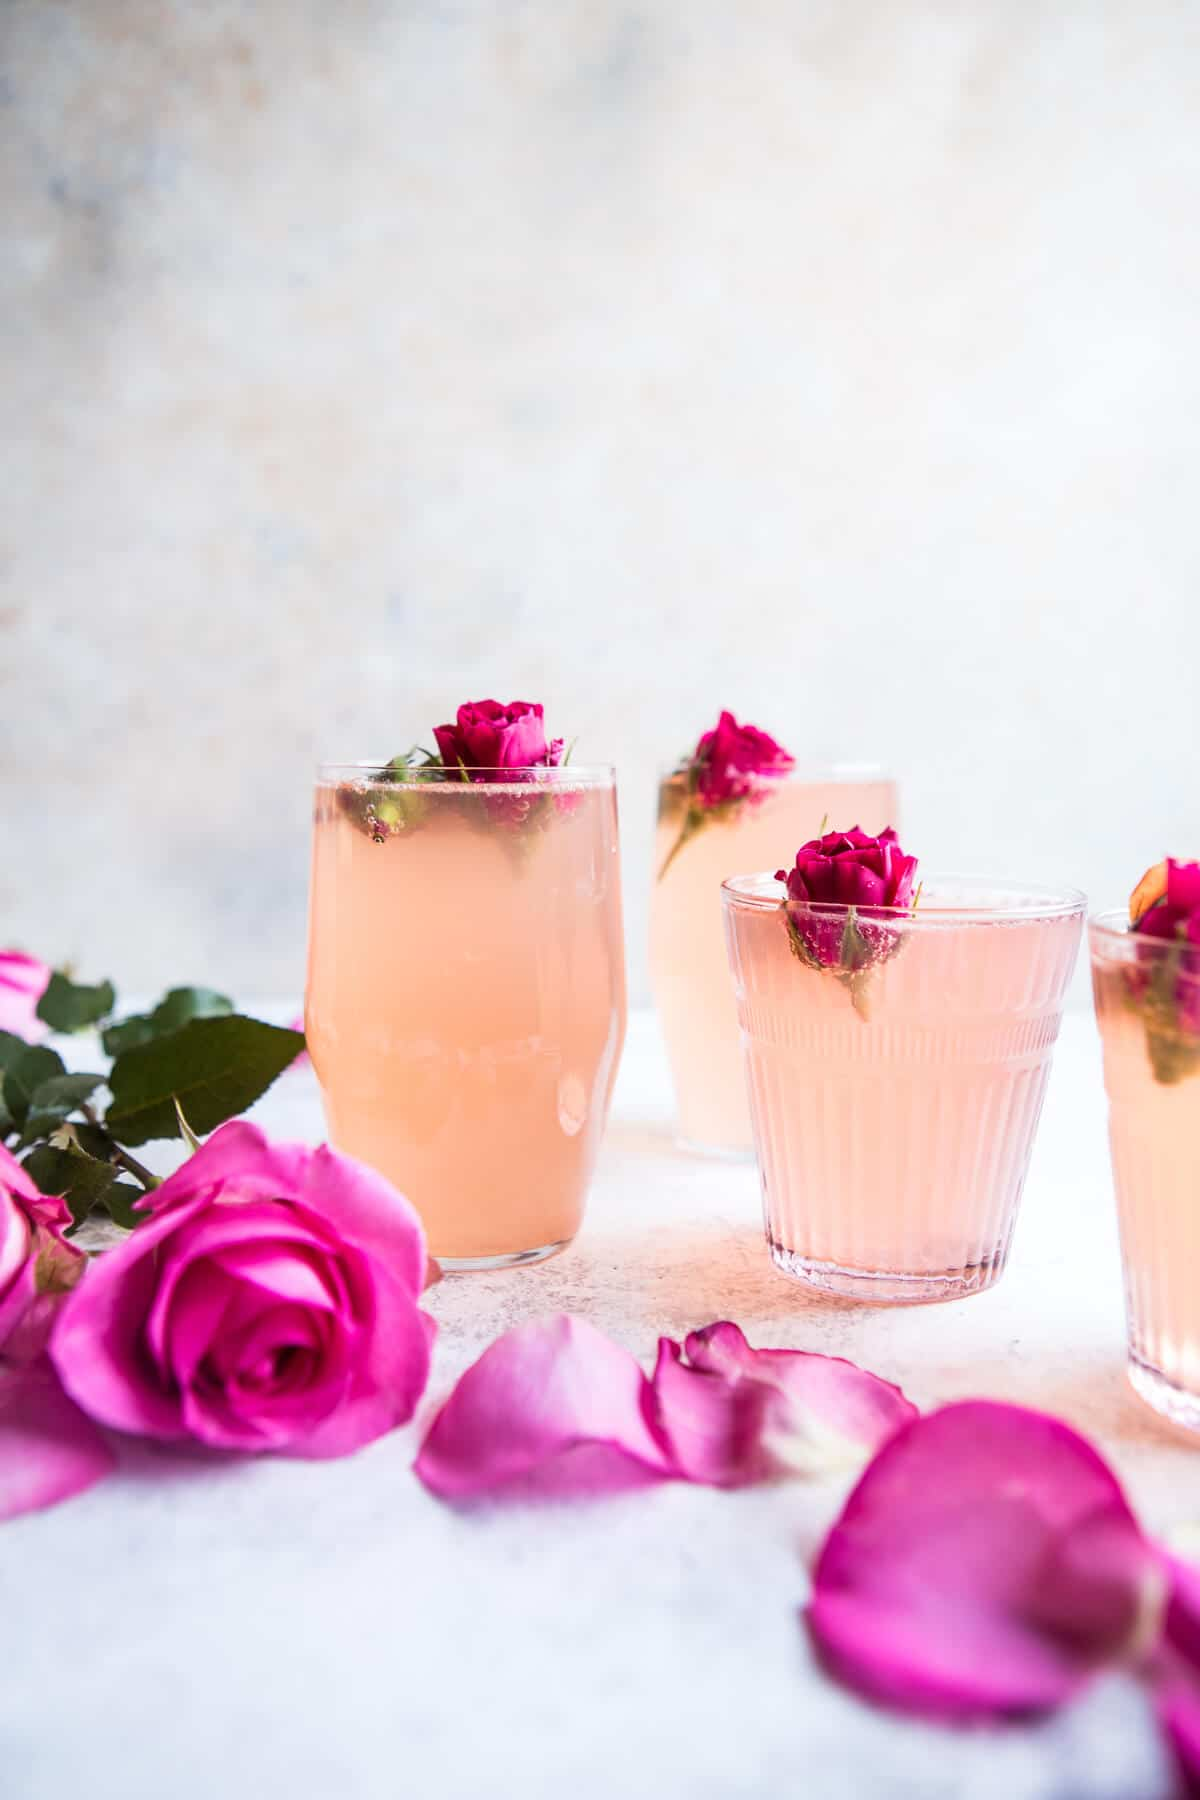 Rose Lemon Spritzer by Half Baked Harvest